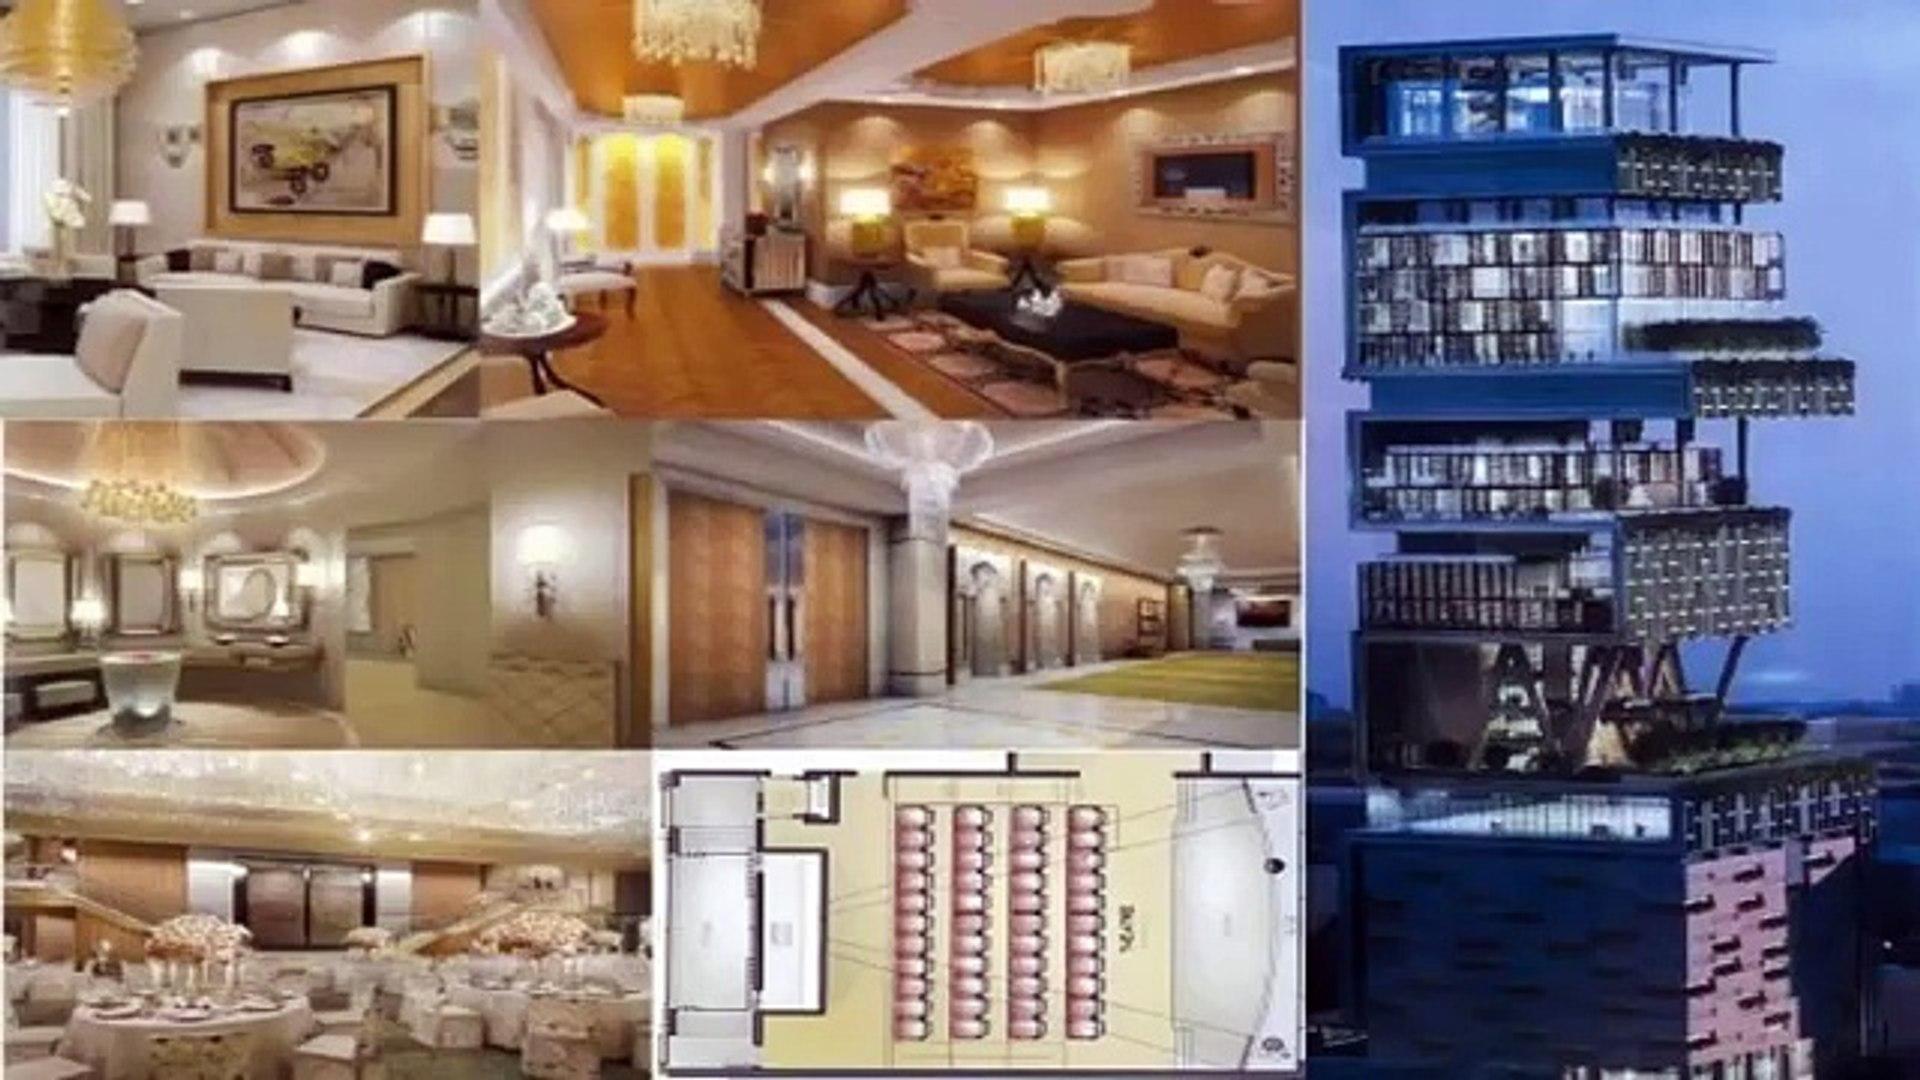 Mukesh Ambani New House Inside View Video Mukesh Ambani House In Mumbai Video Dailymotion